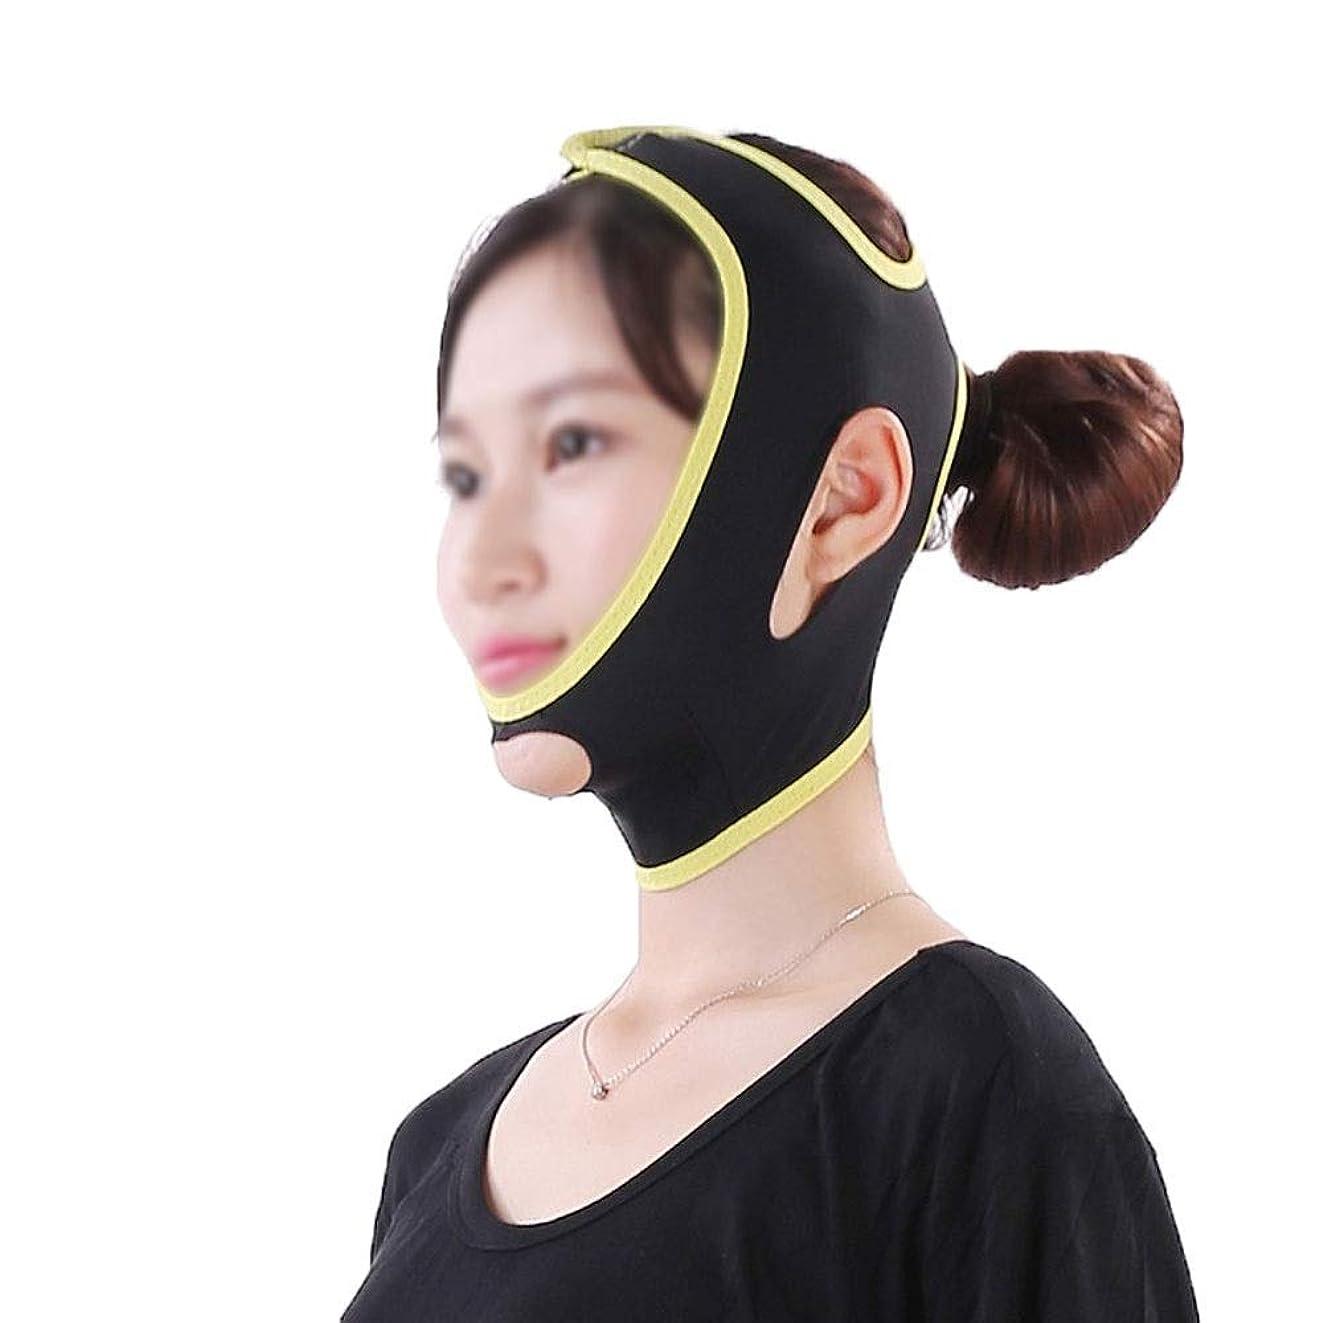 限定プレーヤーようこそフェイス&ネックリフト、フェイスリフトマスク強力なフェイスマスクフェイスリフトアーチファクトフェイスリフティングフェイスリフティングツールフェイスリフティング包帯シンフェイスマスク美容マスク(サイズ:L)